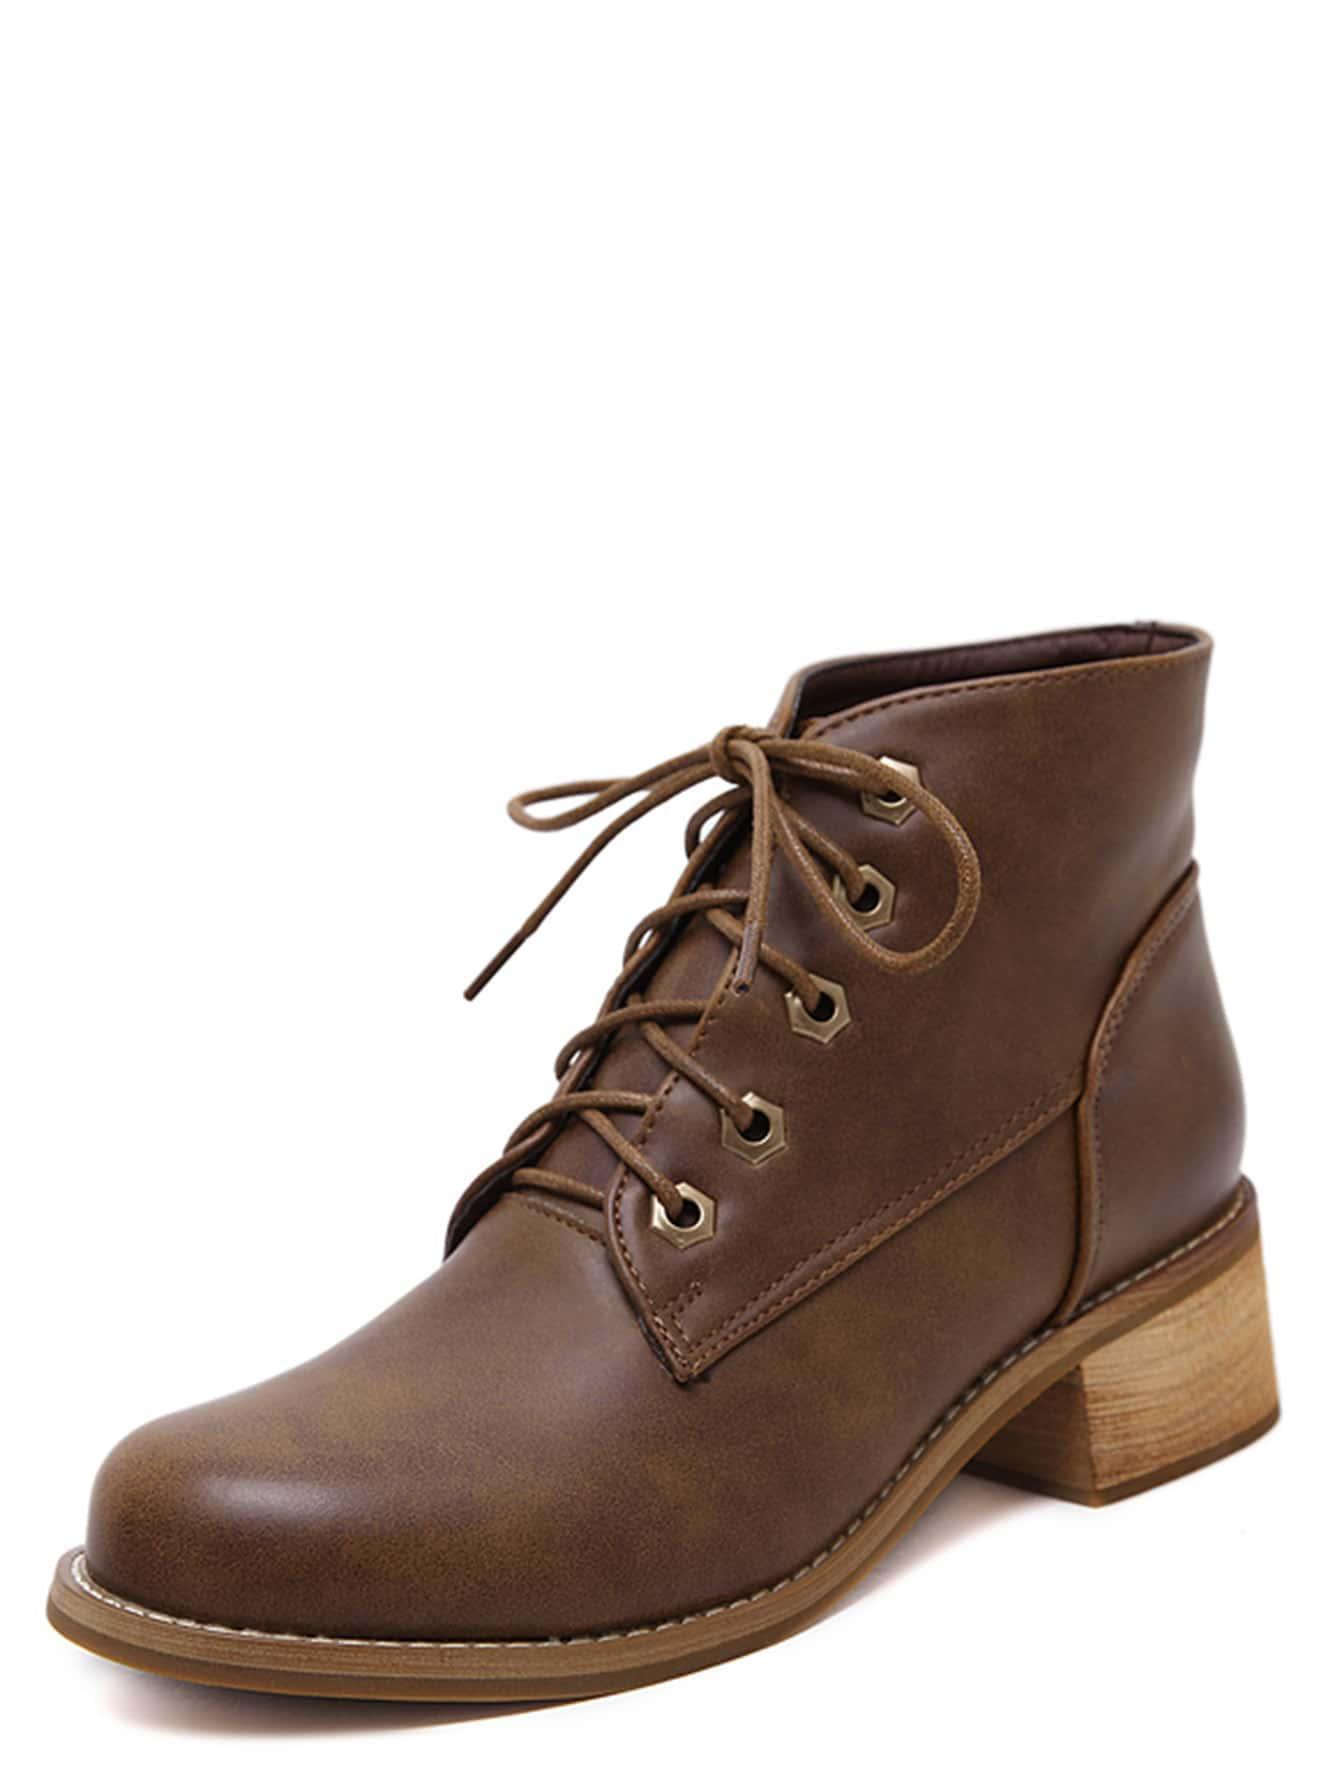 shoes161014809_2